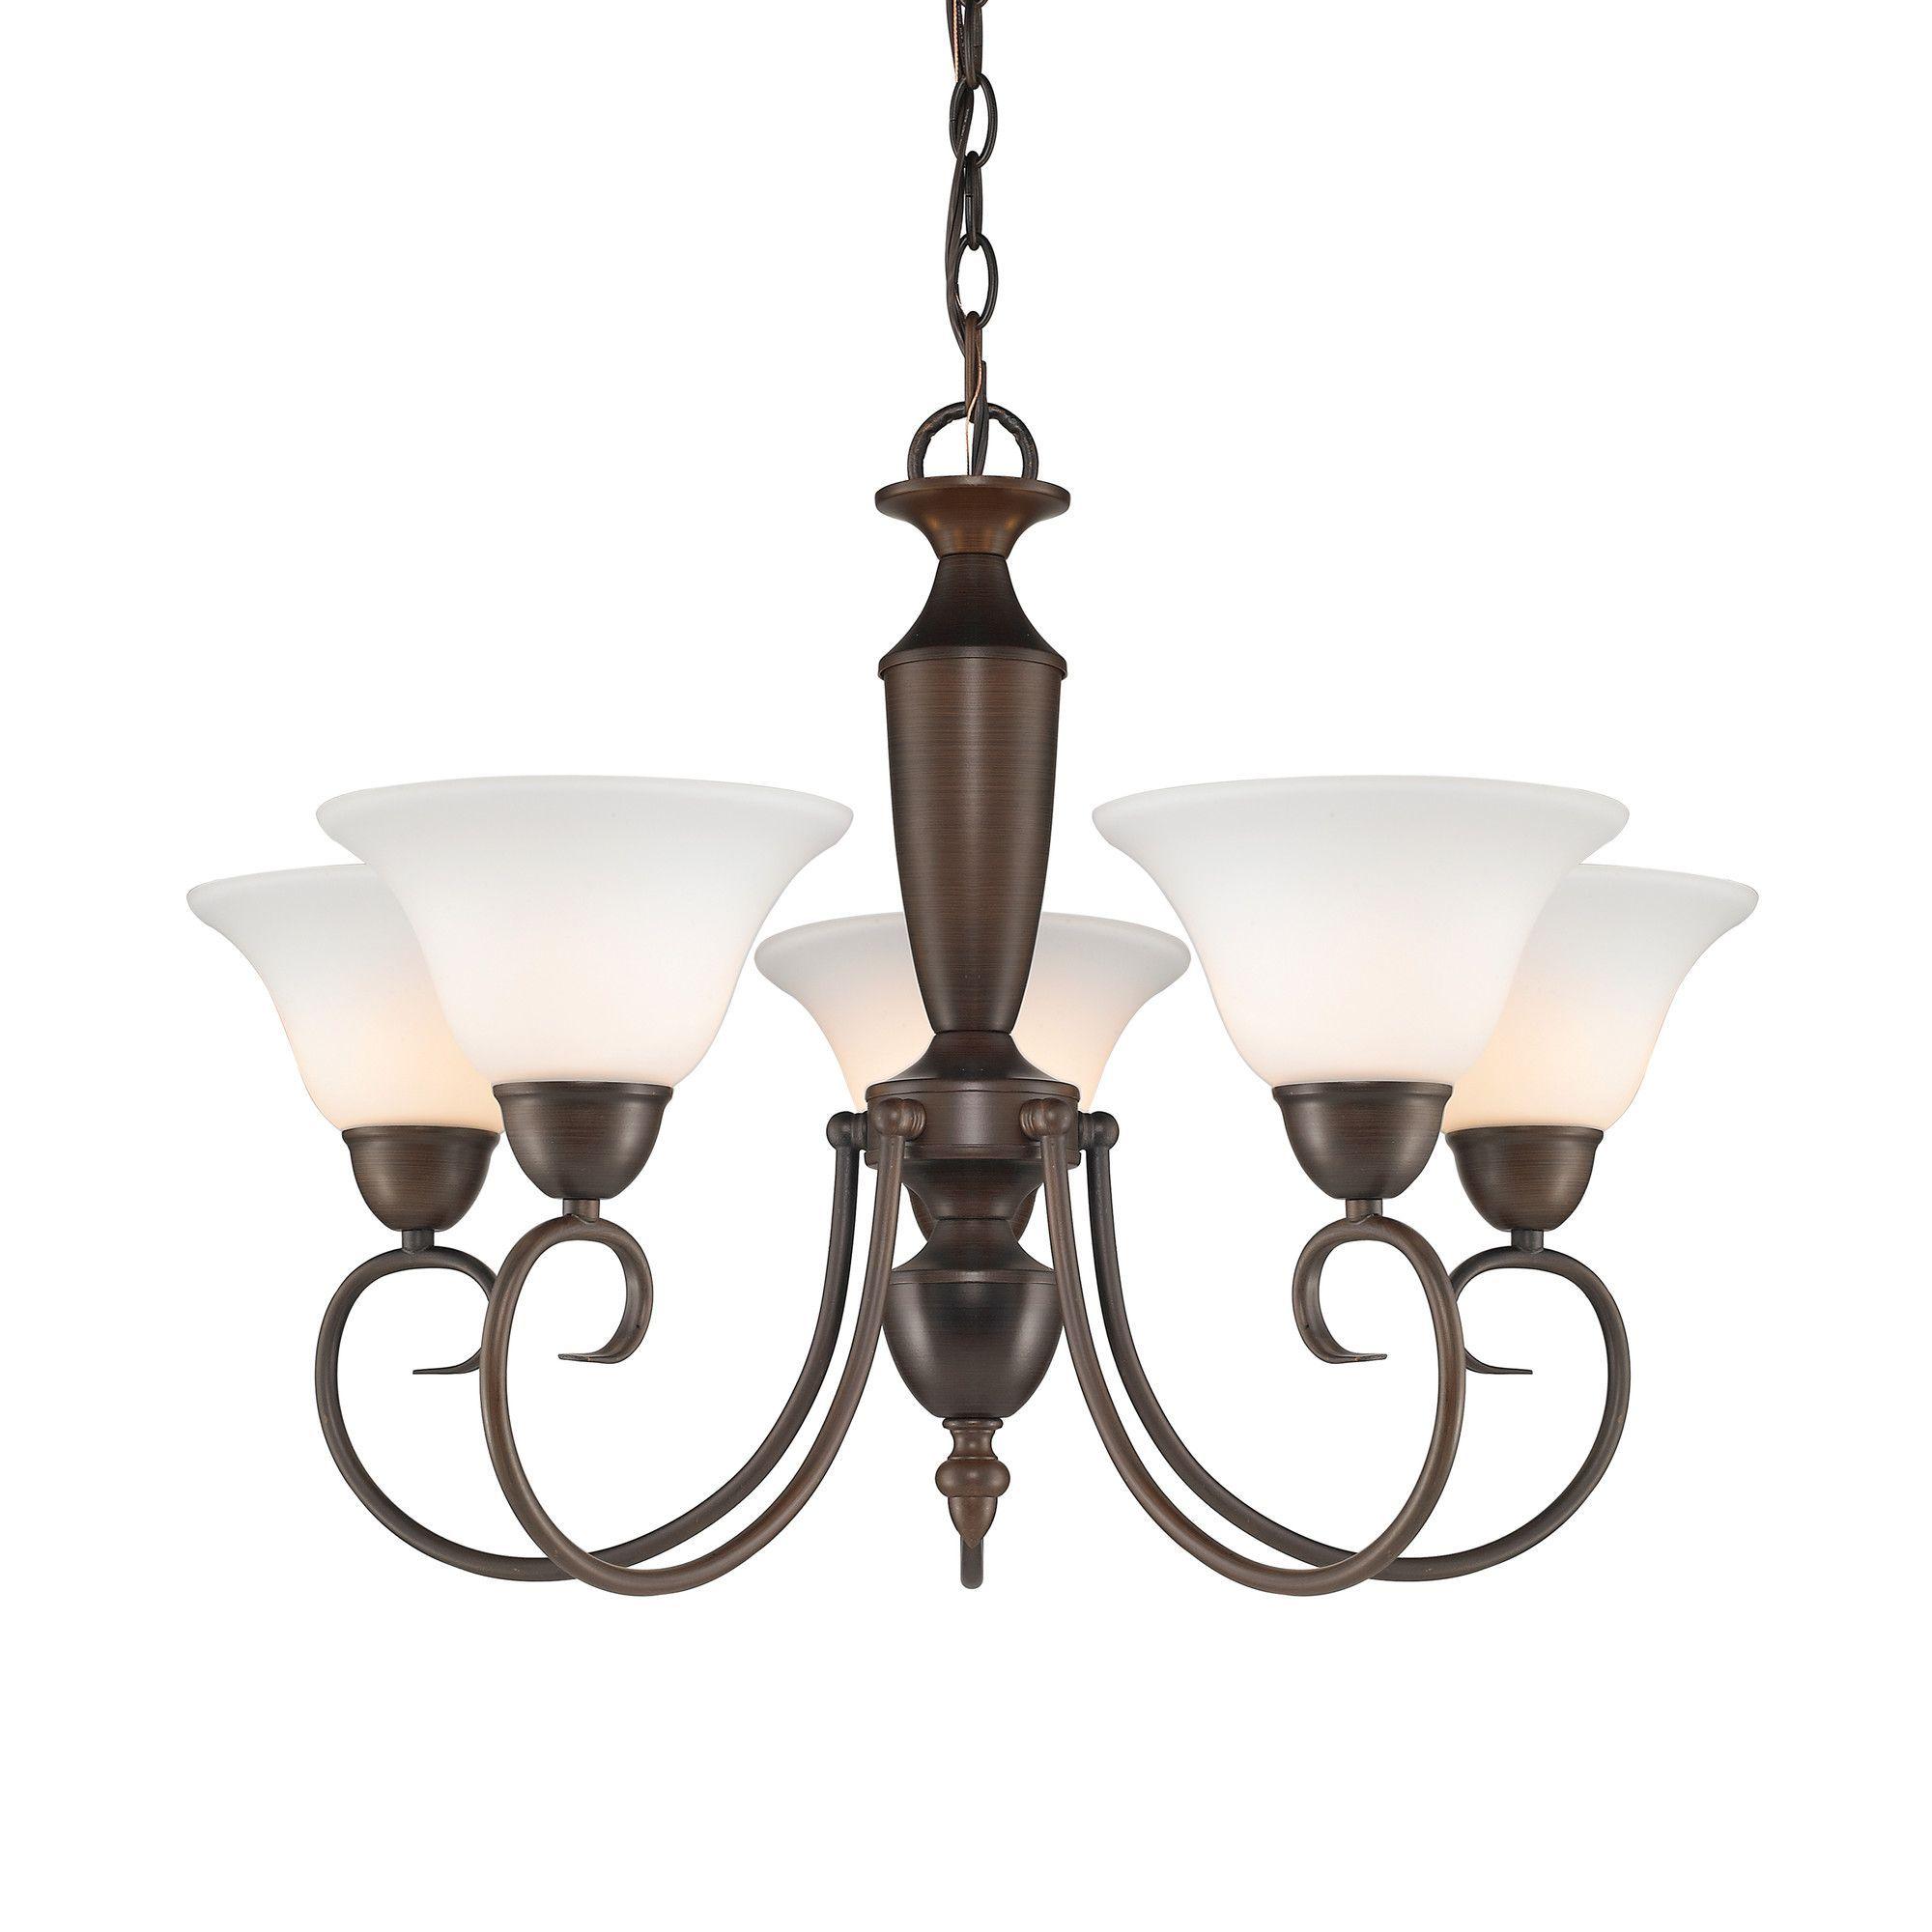 Centennial 5 light chandelier outdoor light fixtures outdoor lighting 5 light chandelier chandeliers